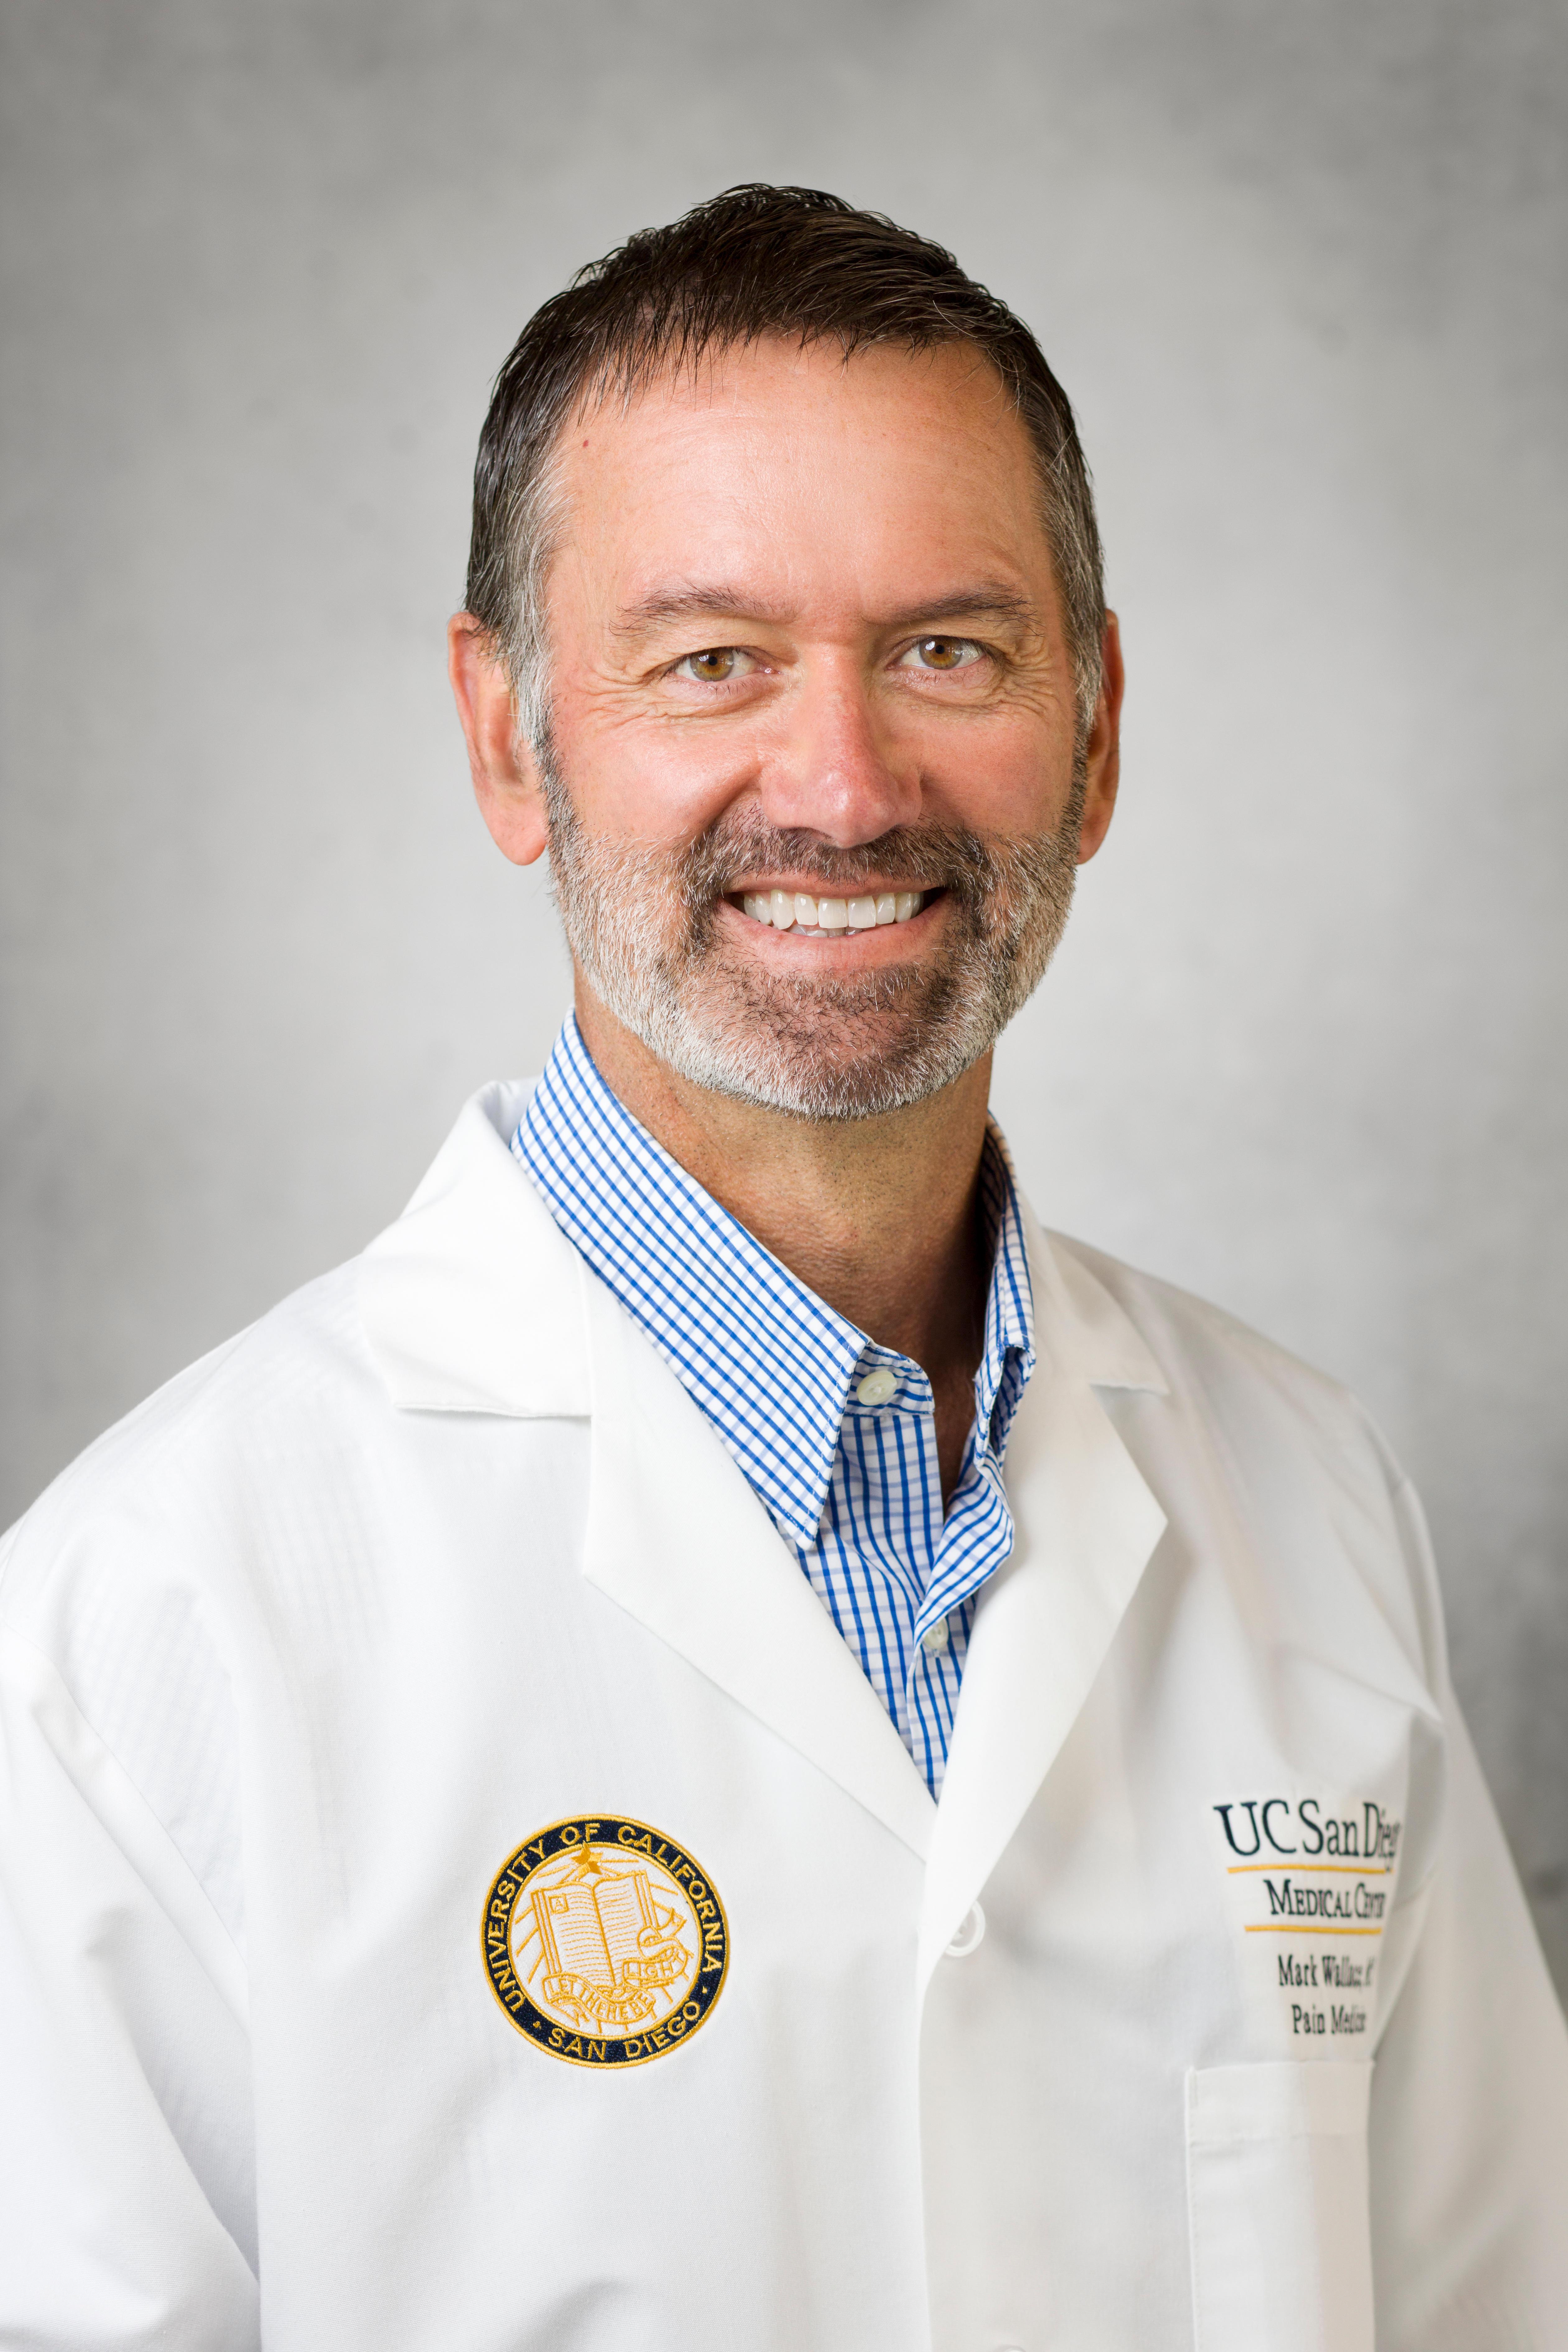 Mark Steven Wallace, MD